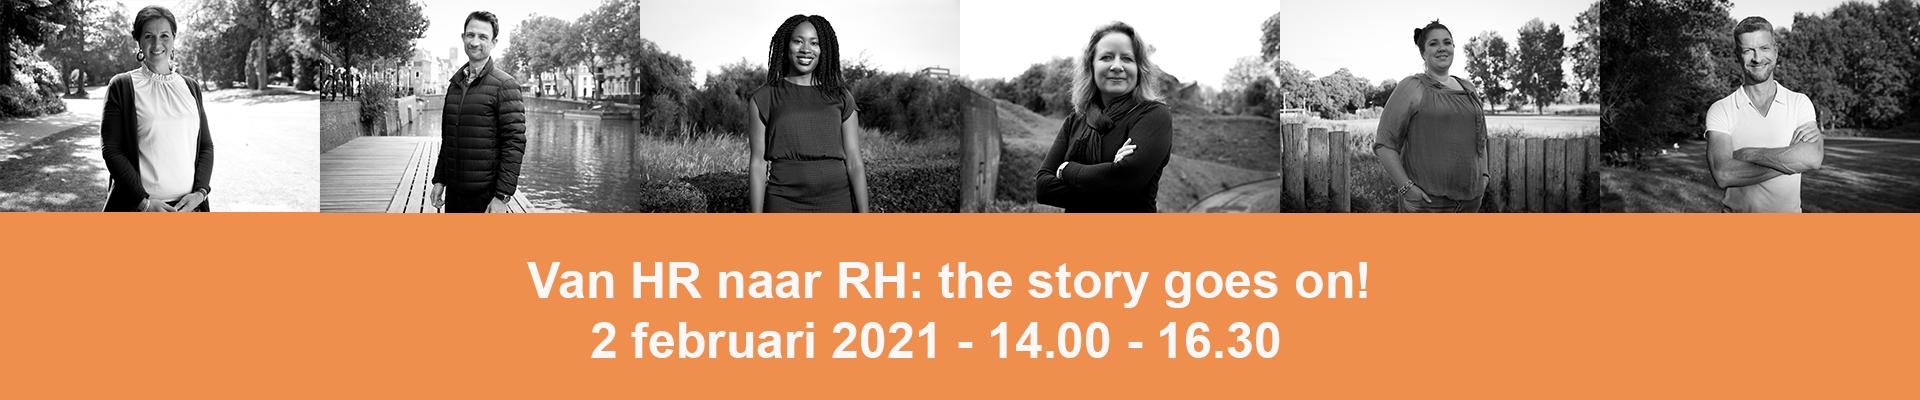 eelloo - Van HR naar RH: the story goes on!